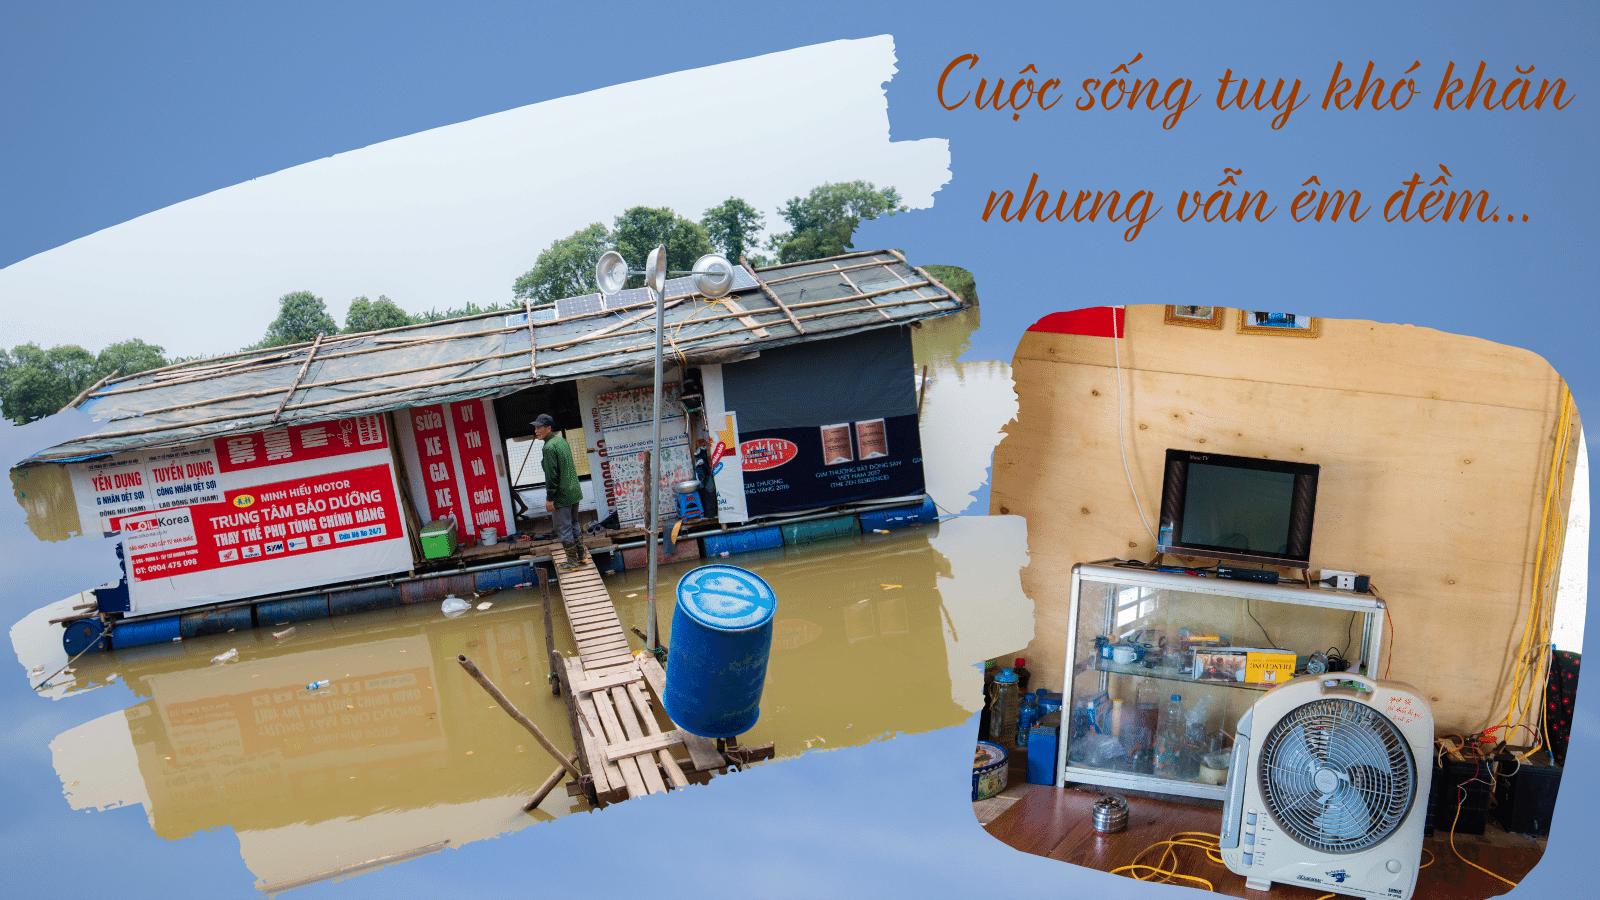 Thu nhập 60 nghìn/ngày: Cuộc sống của lao động nghèo dưới chân cầu Long Biên như thế nào? - 7